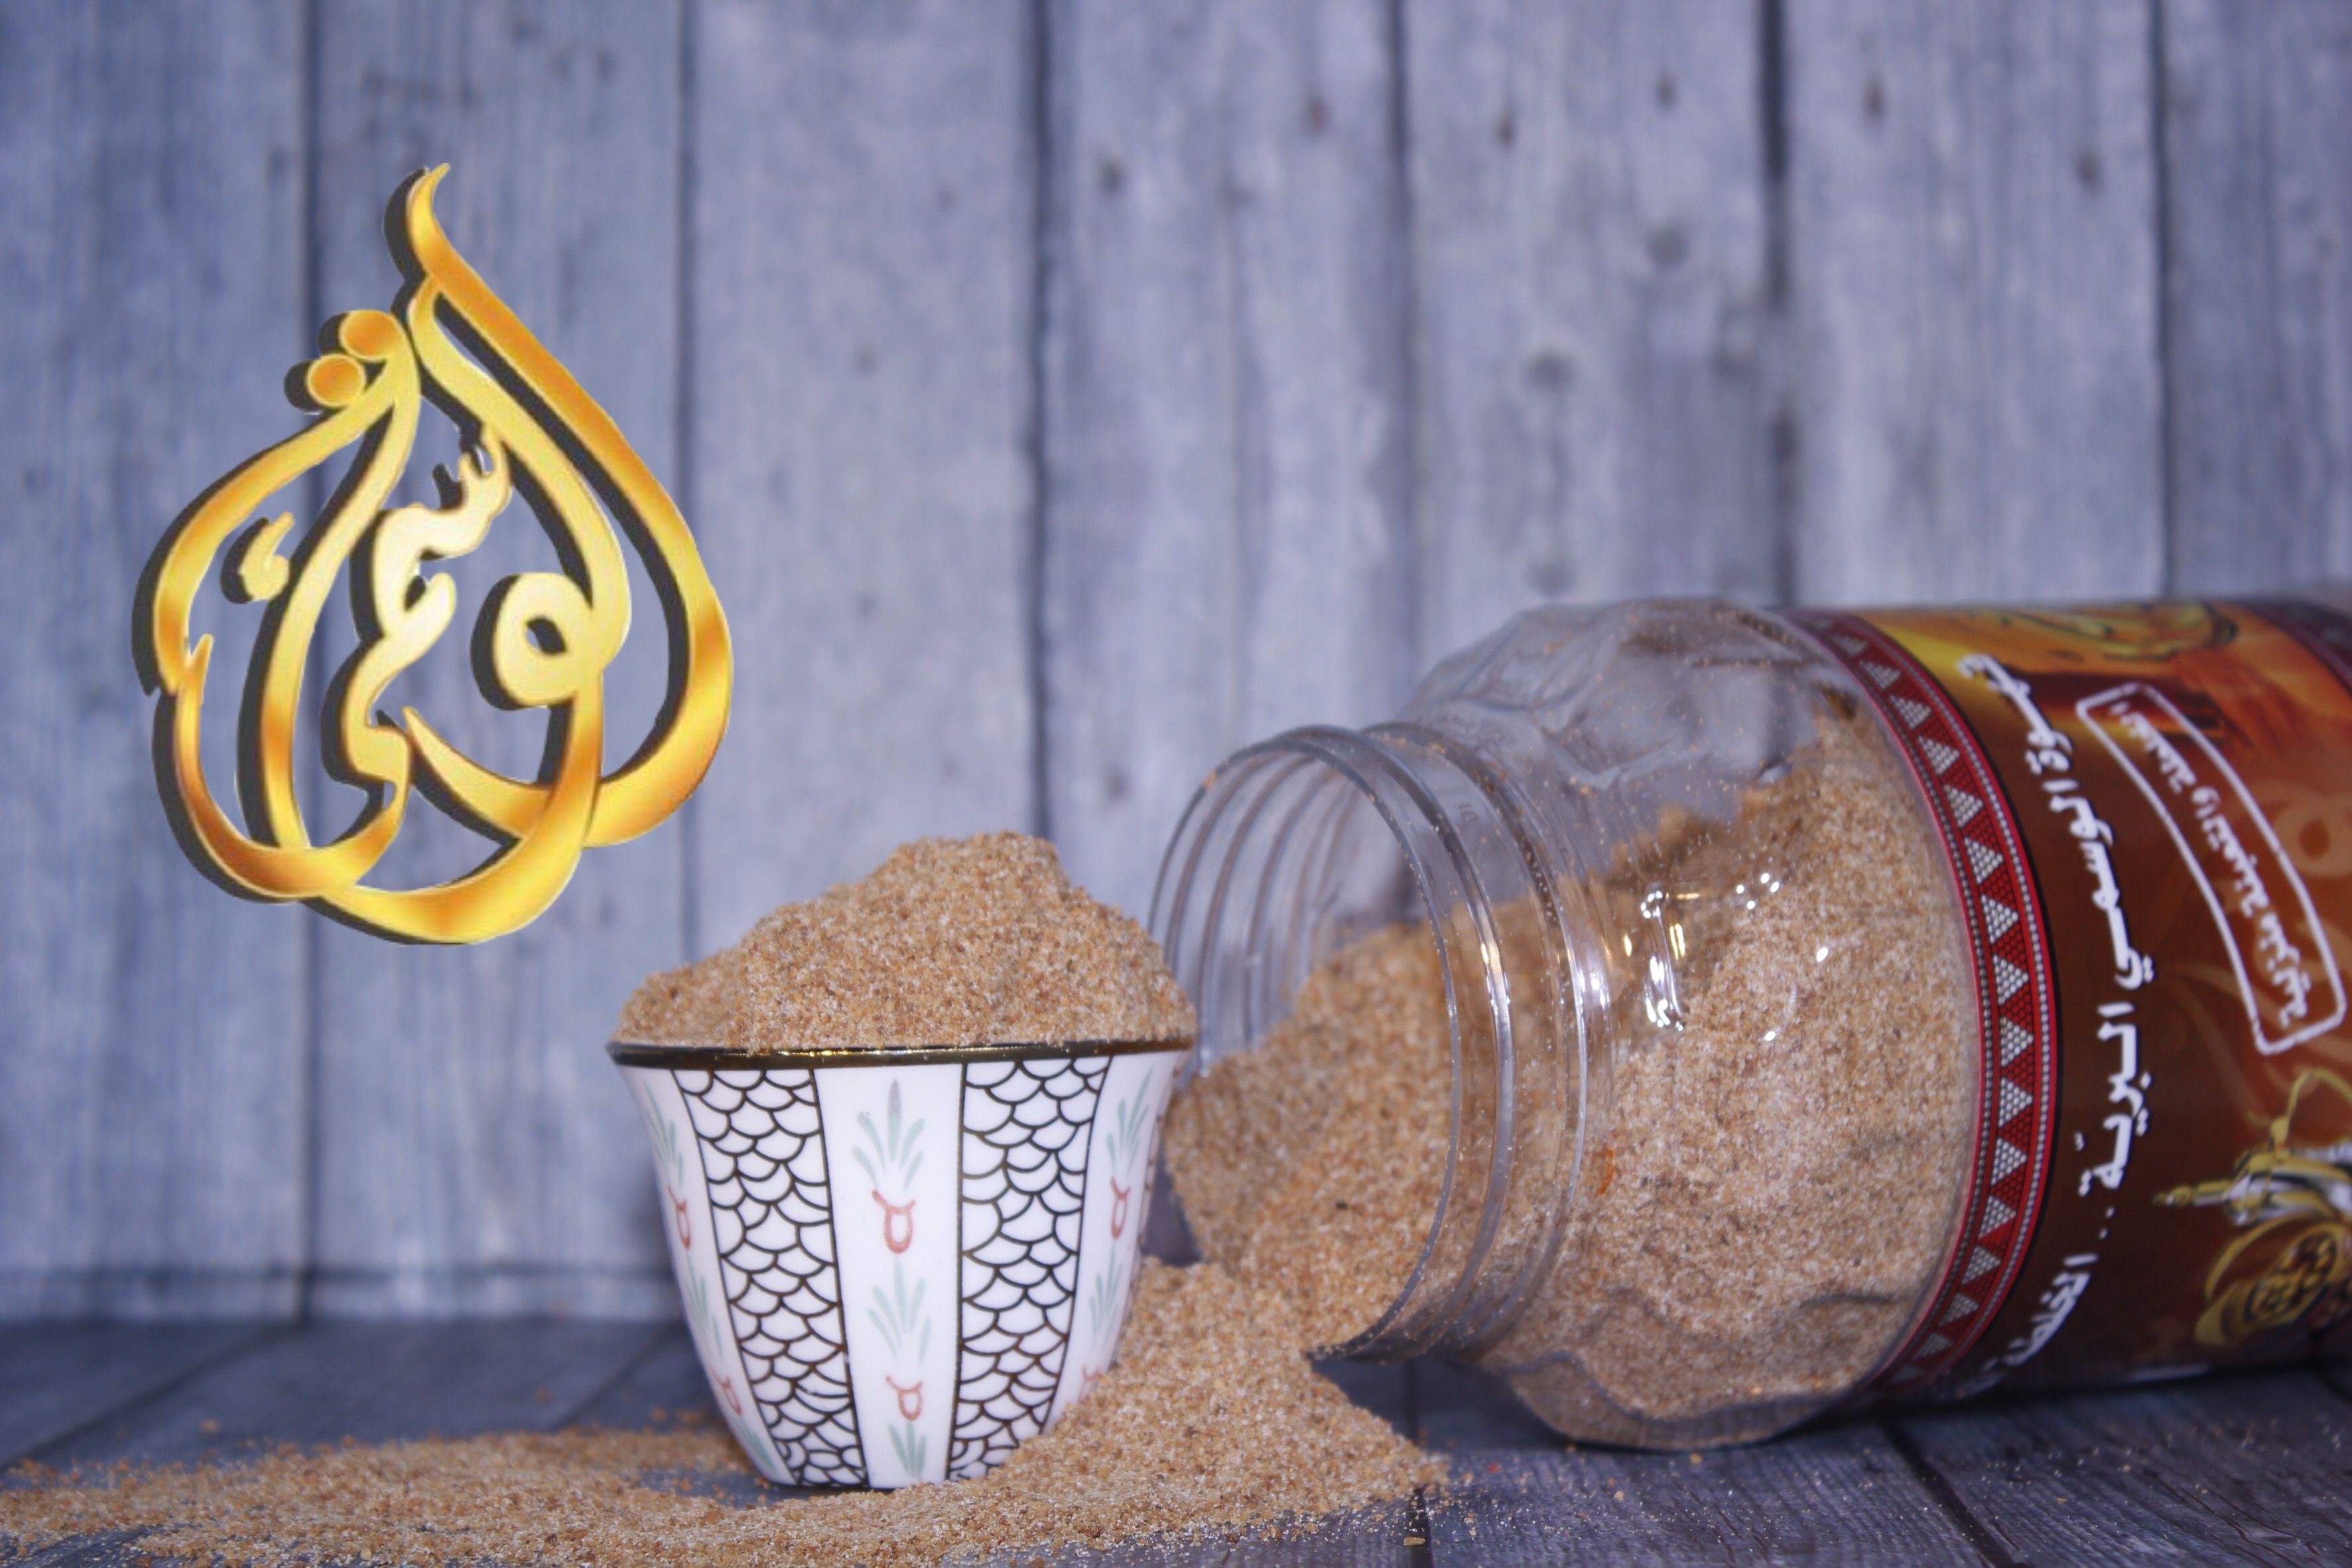 معلومات عن الاإعلان قهوة الوسمي الملكية بالزعفران مذاق وجوده في التصنيع للتواصل 0567270504 انستقرام Al Wasmy50